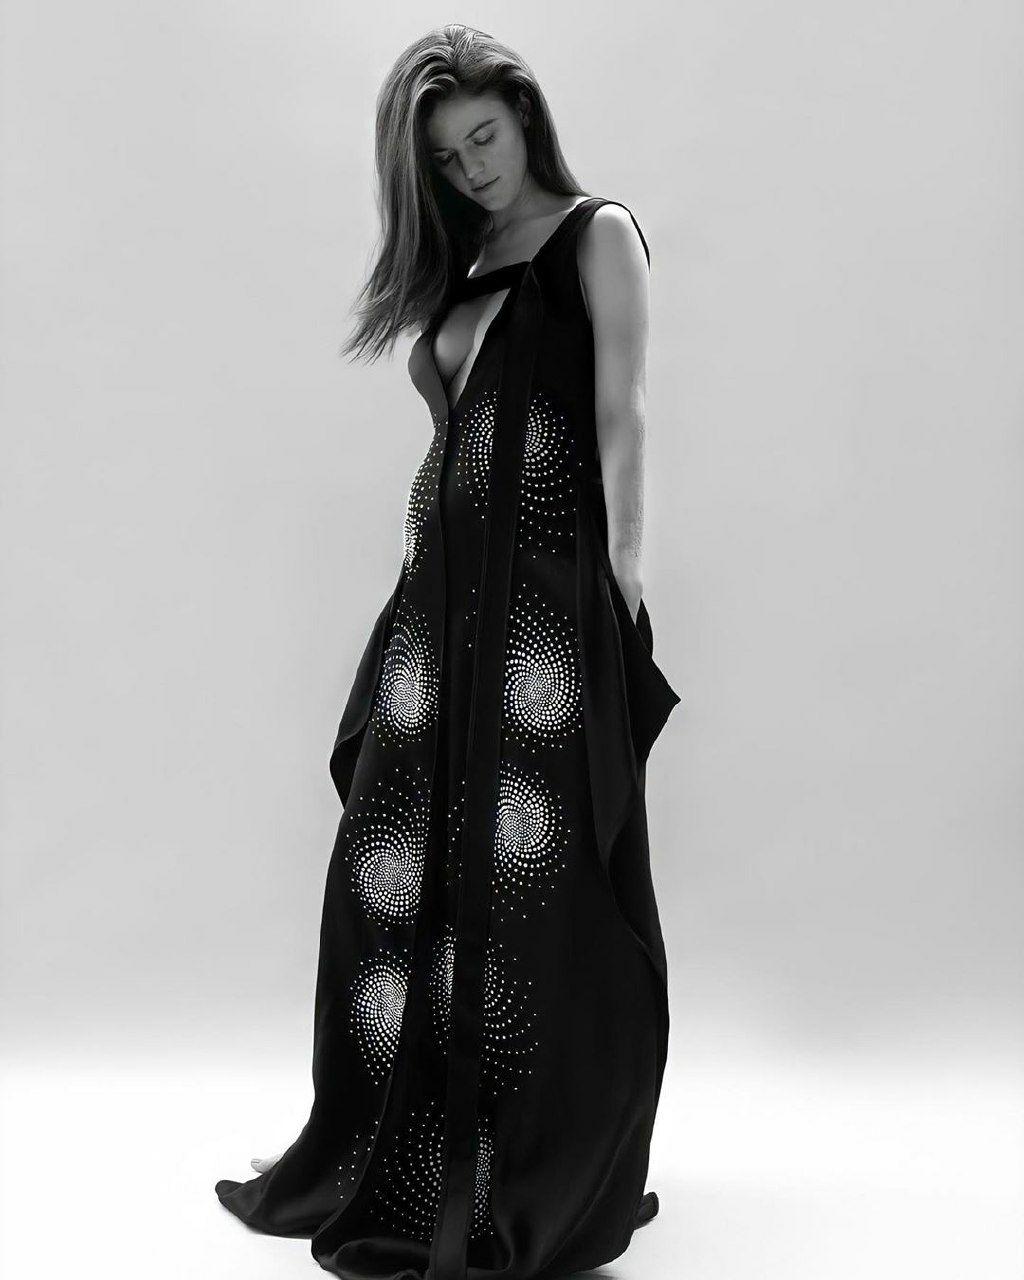 Роуз Лесли беременная фото для Make Magazine